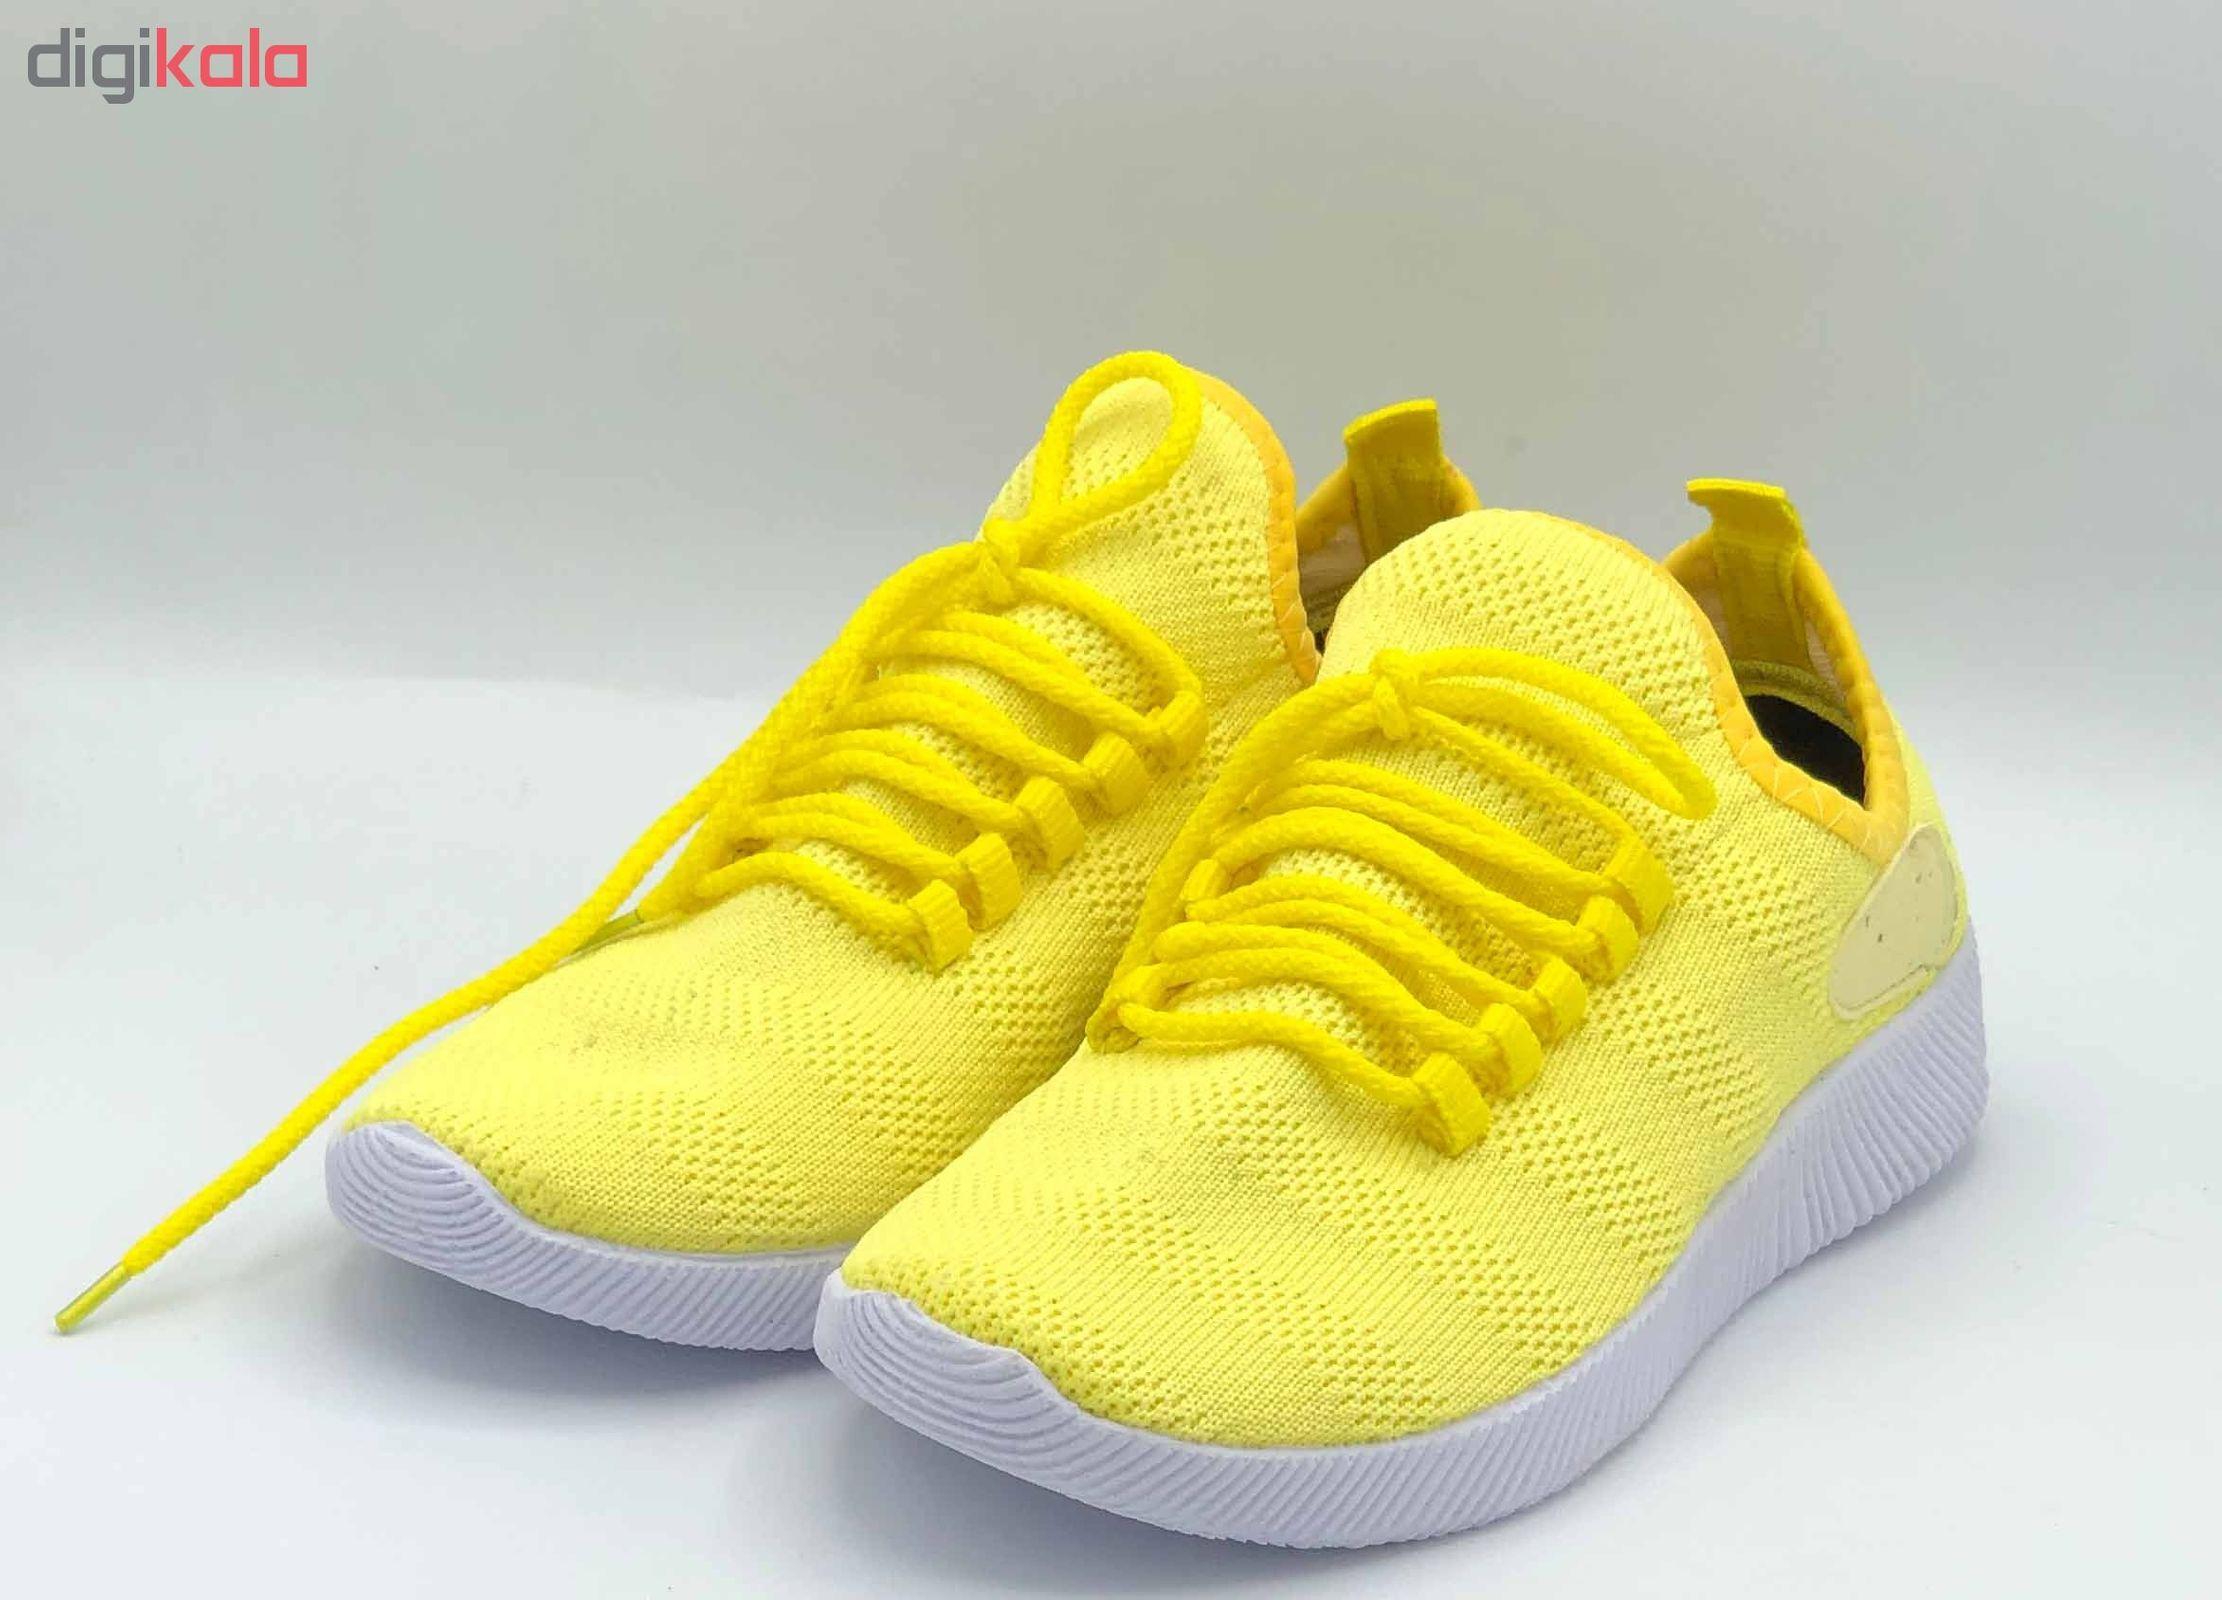 کفش مخصوص پیاده روی زنانه کد 9813 main 1 3